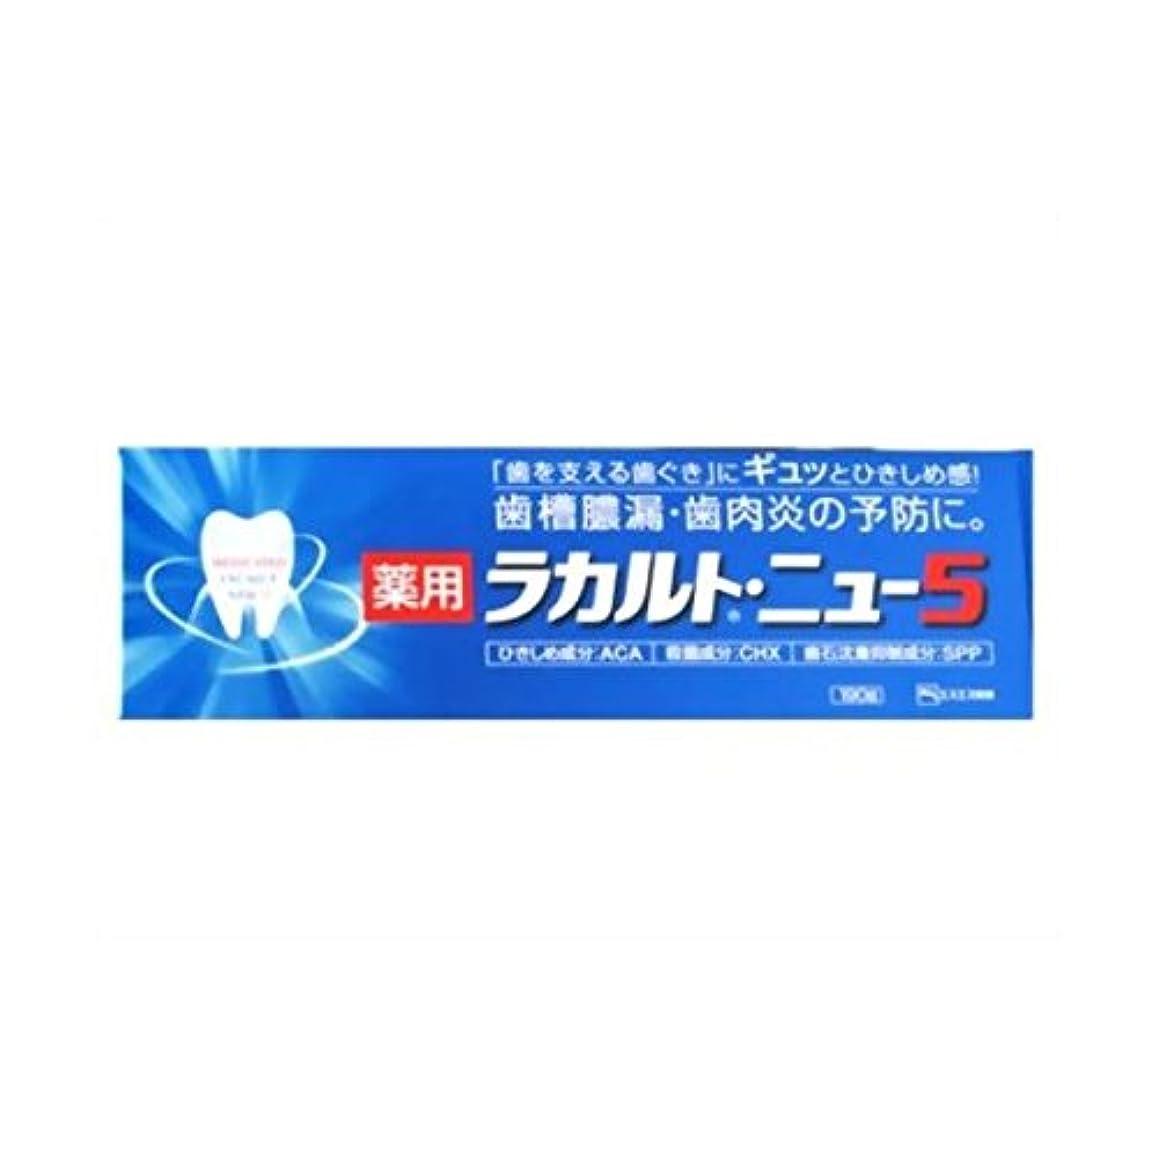 吸い込む同意する切断する【お徳用 3 セット】 薬用ラカルトニュー5 190g×3セット